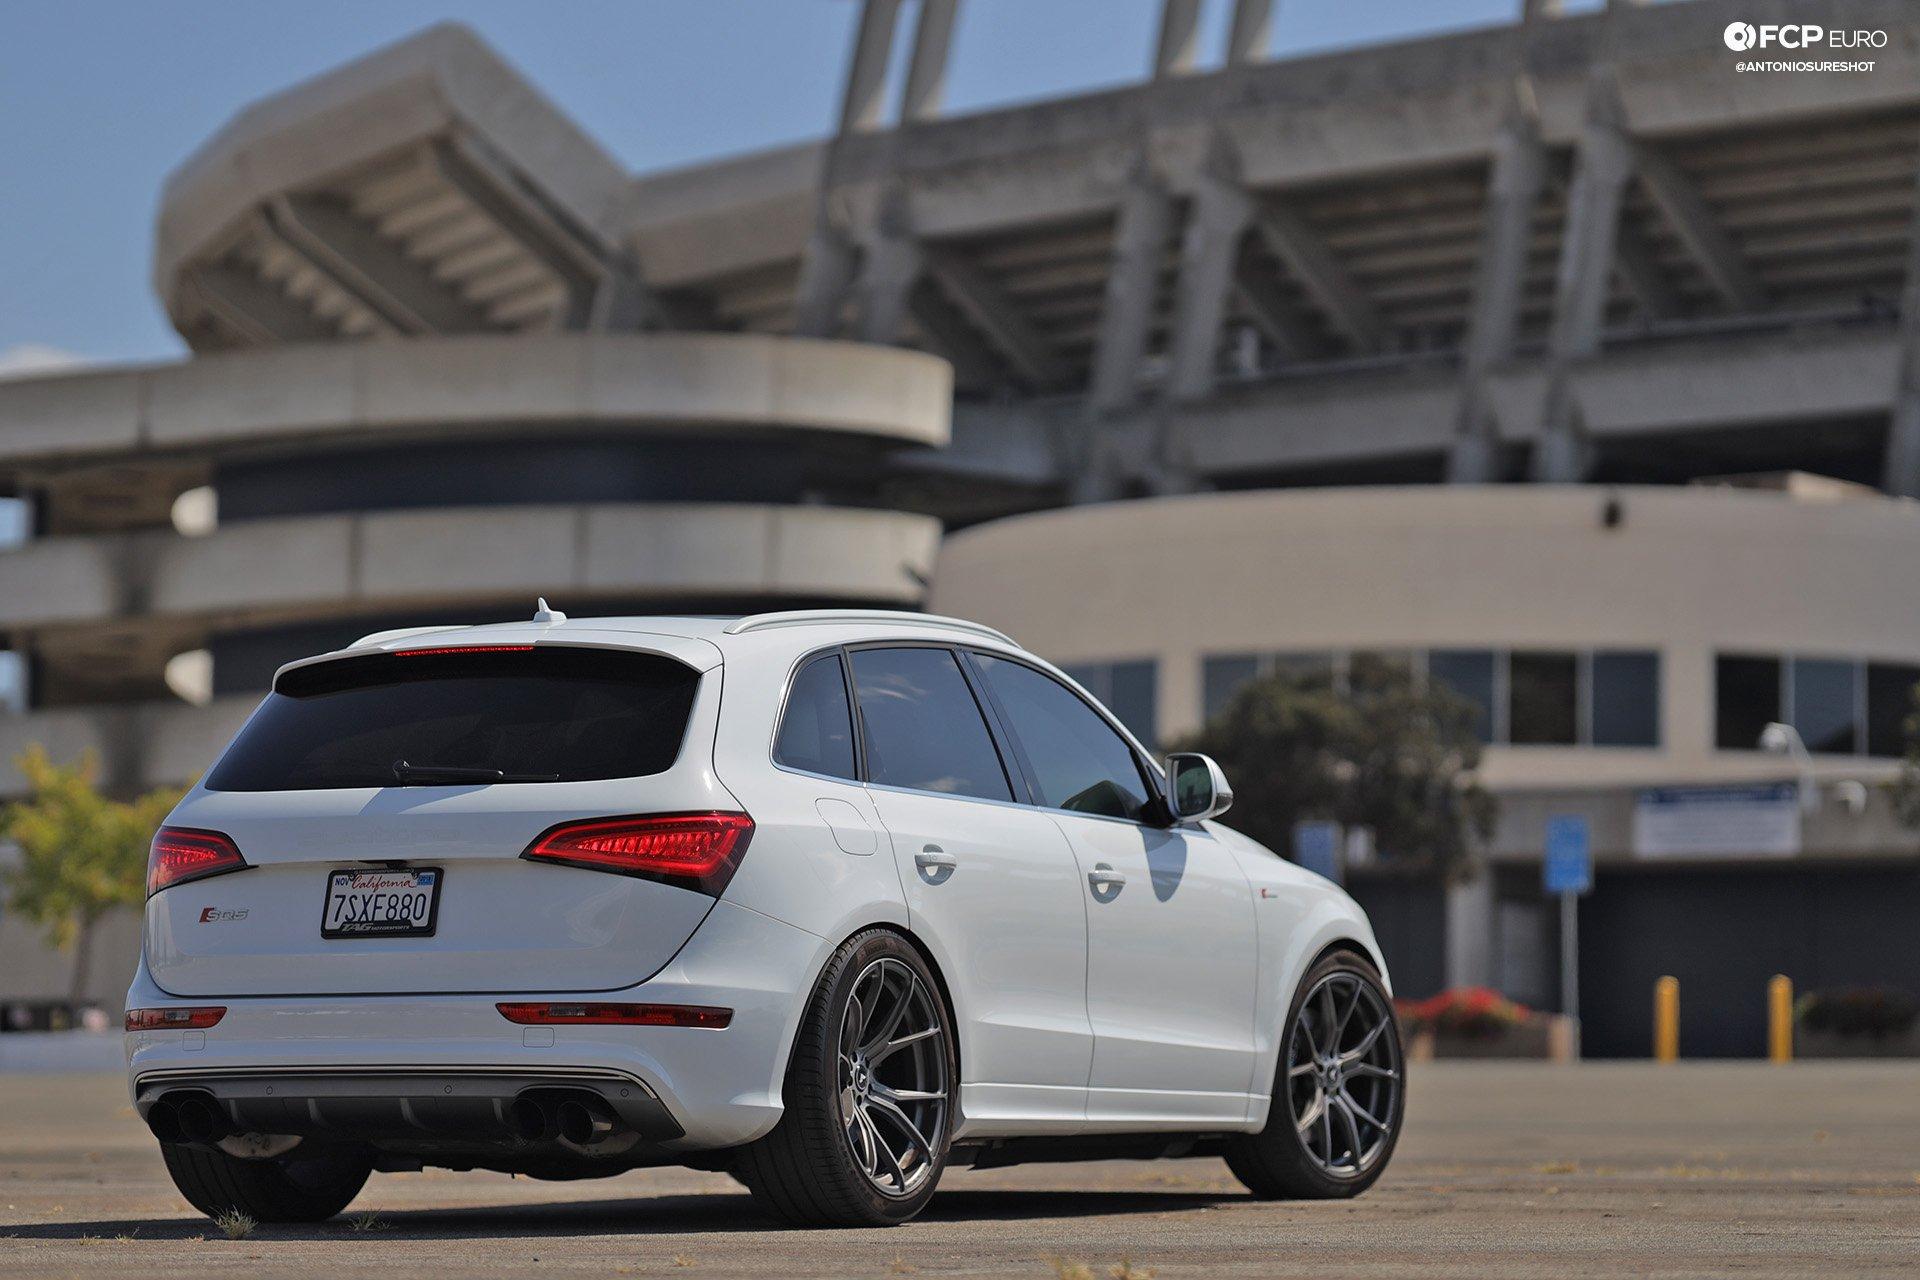 Audi SQ5 Vorsteiner Wheels Alcon Brakes